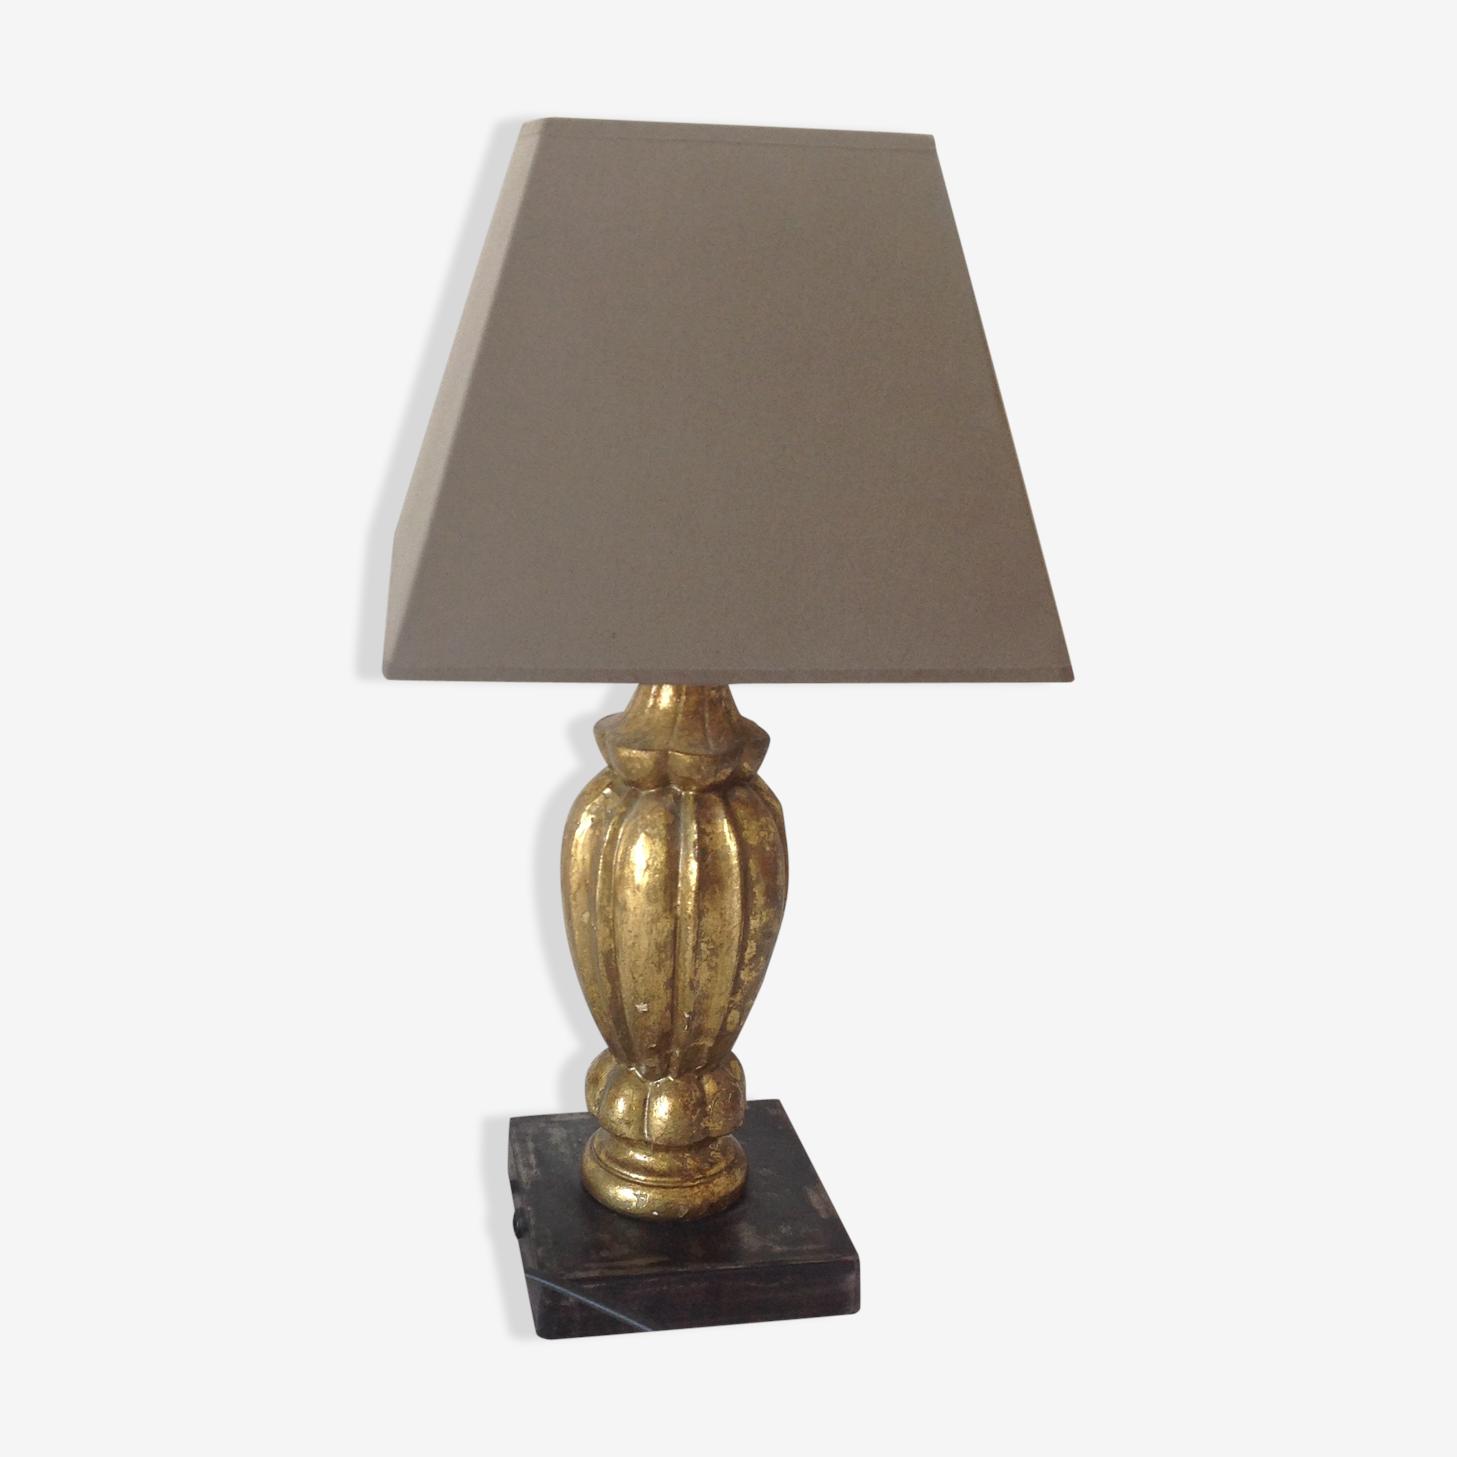 Lampe avec abat-jour en soie